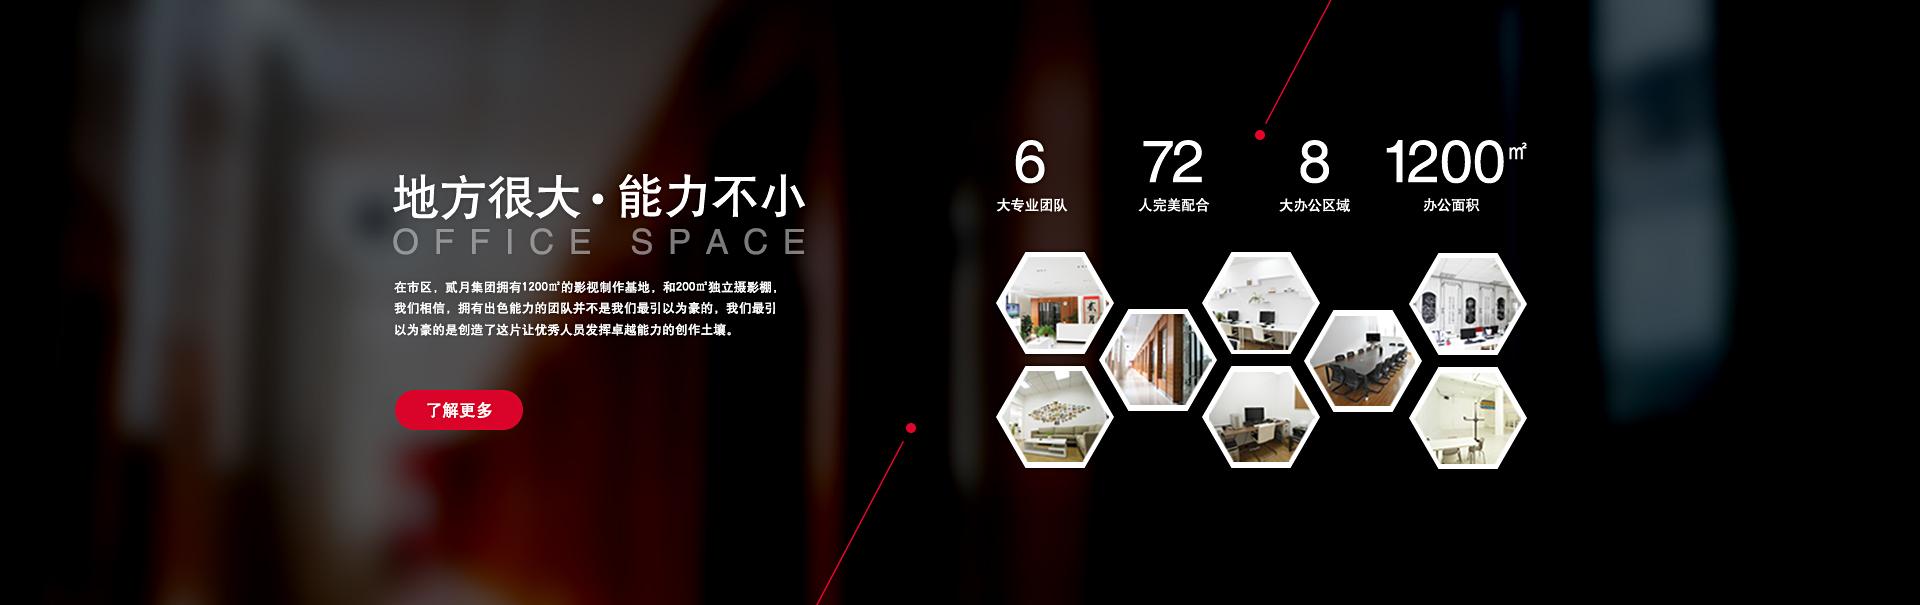 北京短时间的广告宣传片的拍摄大概需要多少钱?